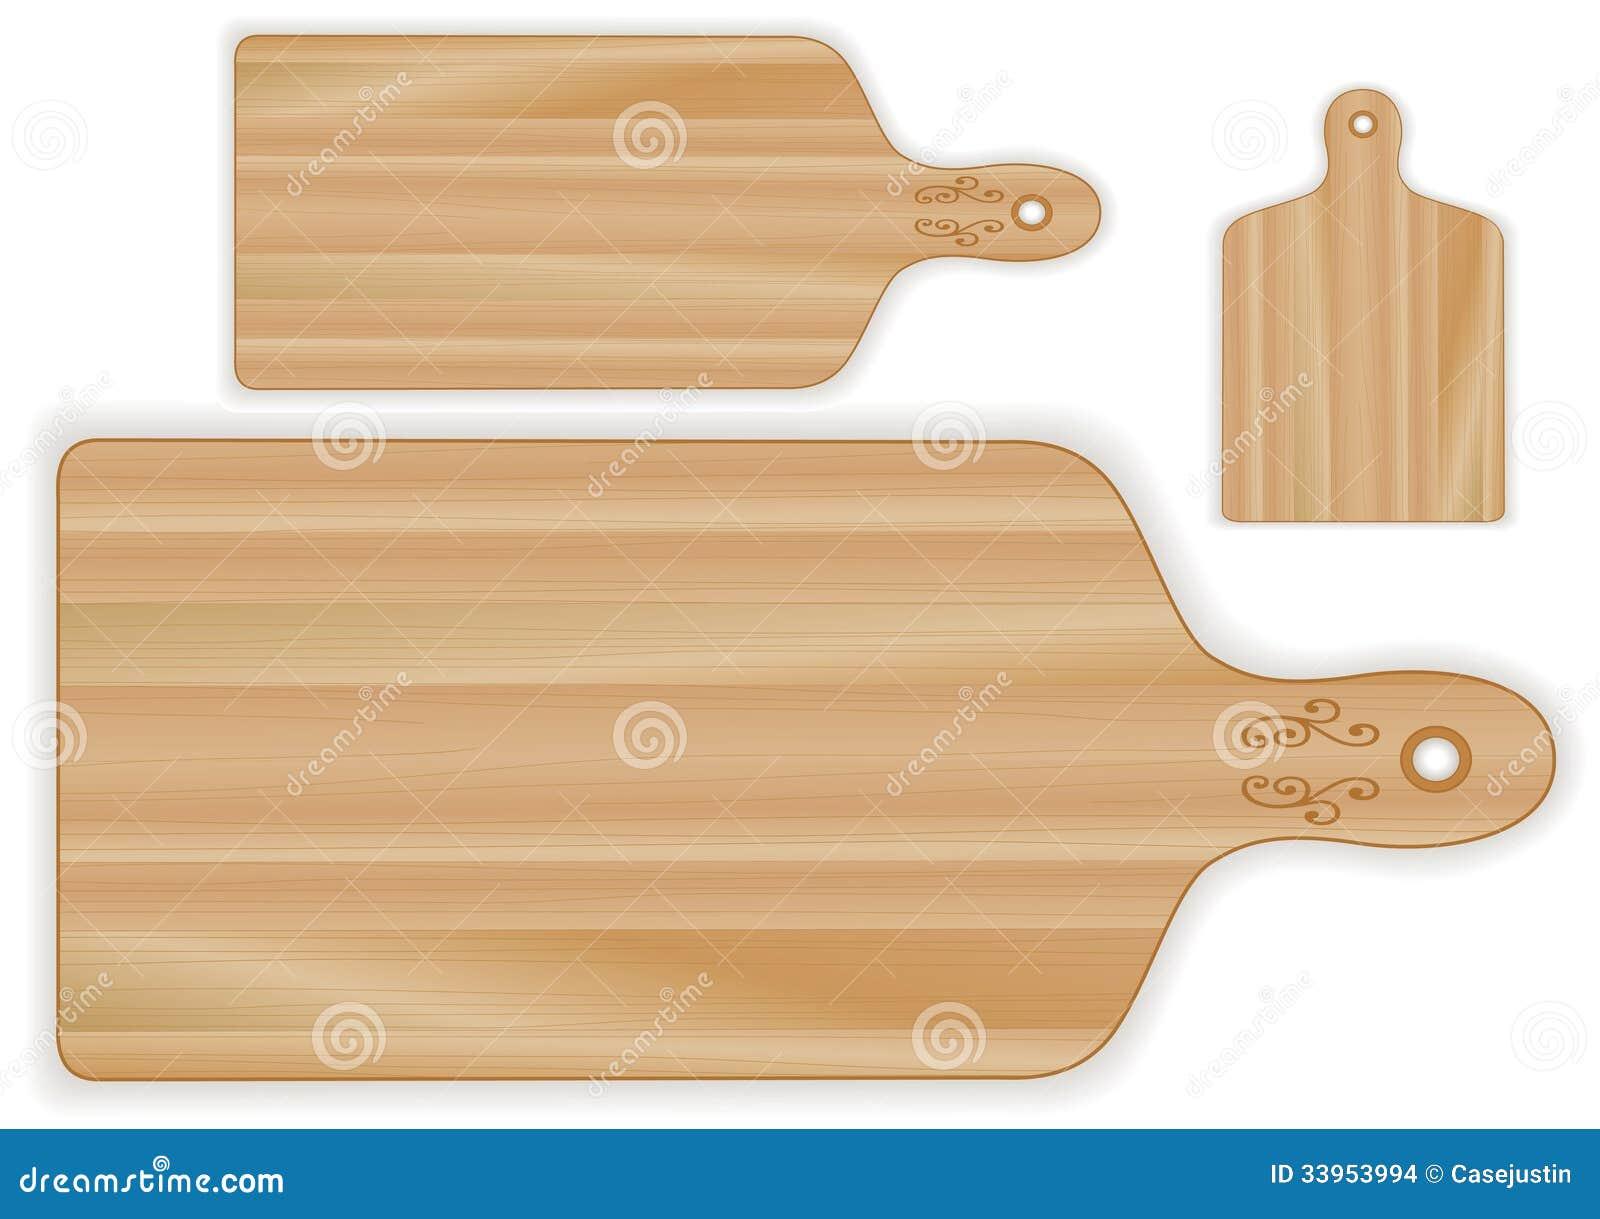 Grande Planche En Bois > Planchesà Découper En Bois, Formes De Palette Images stock Image 33953994